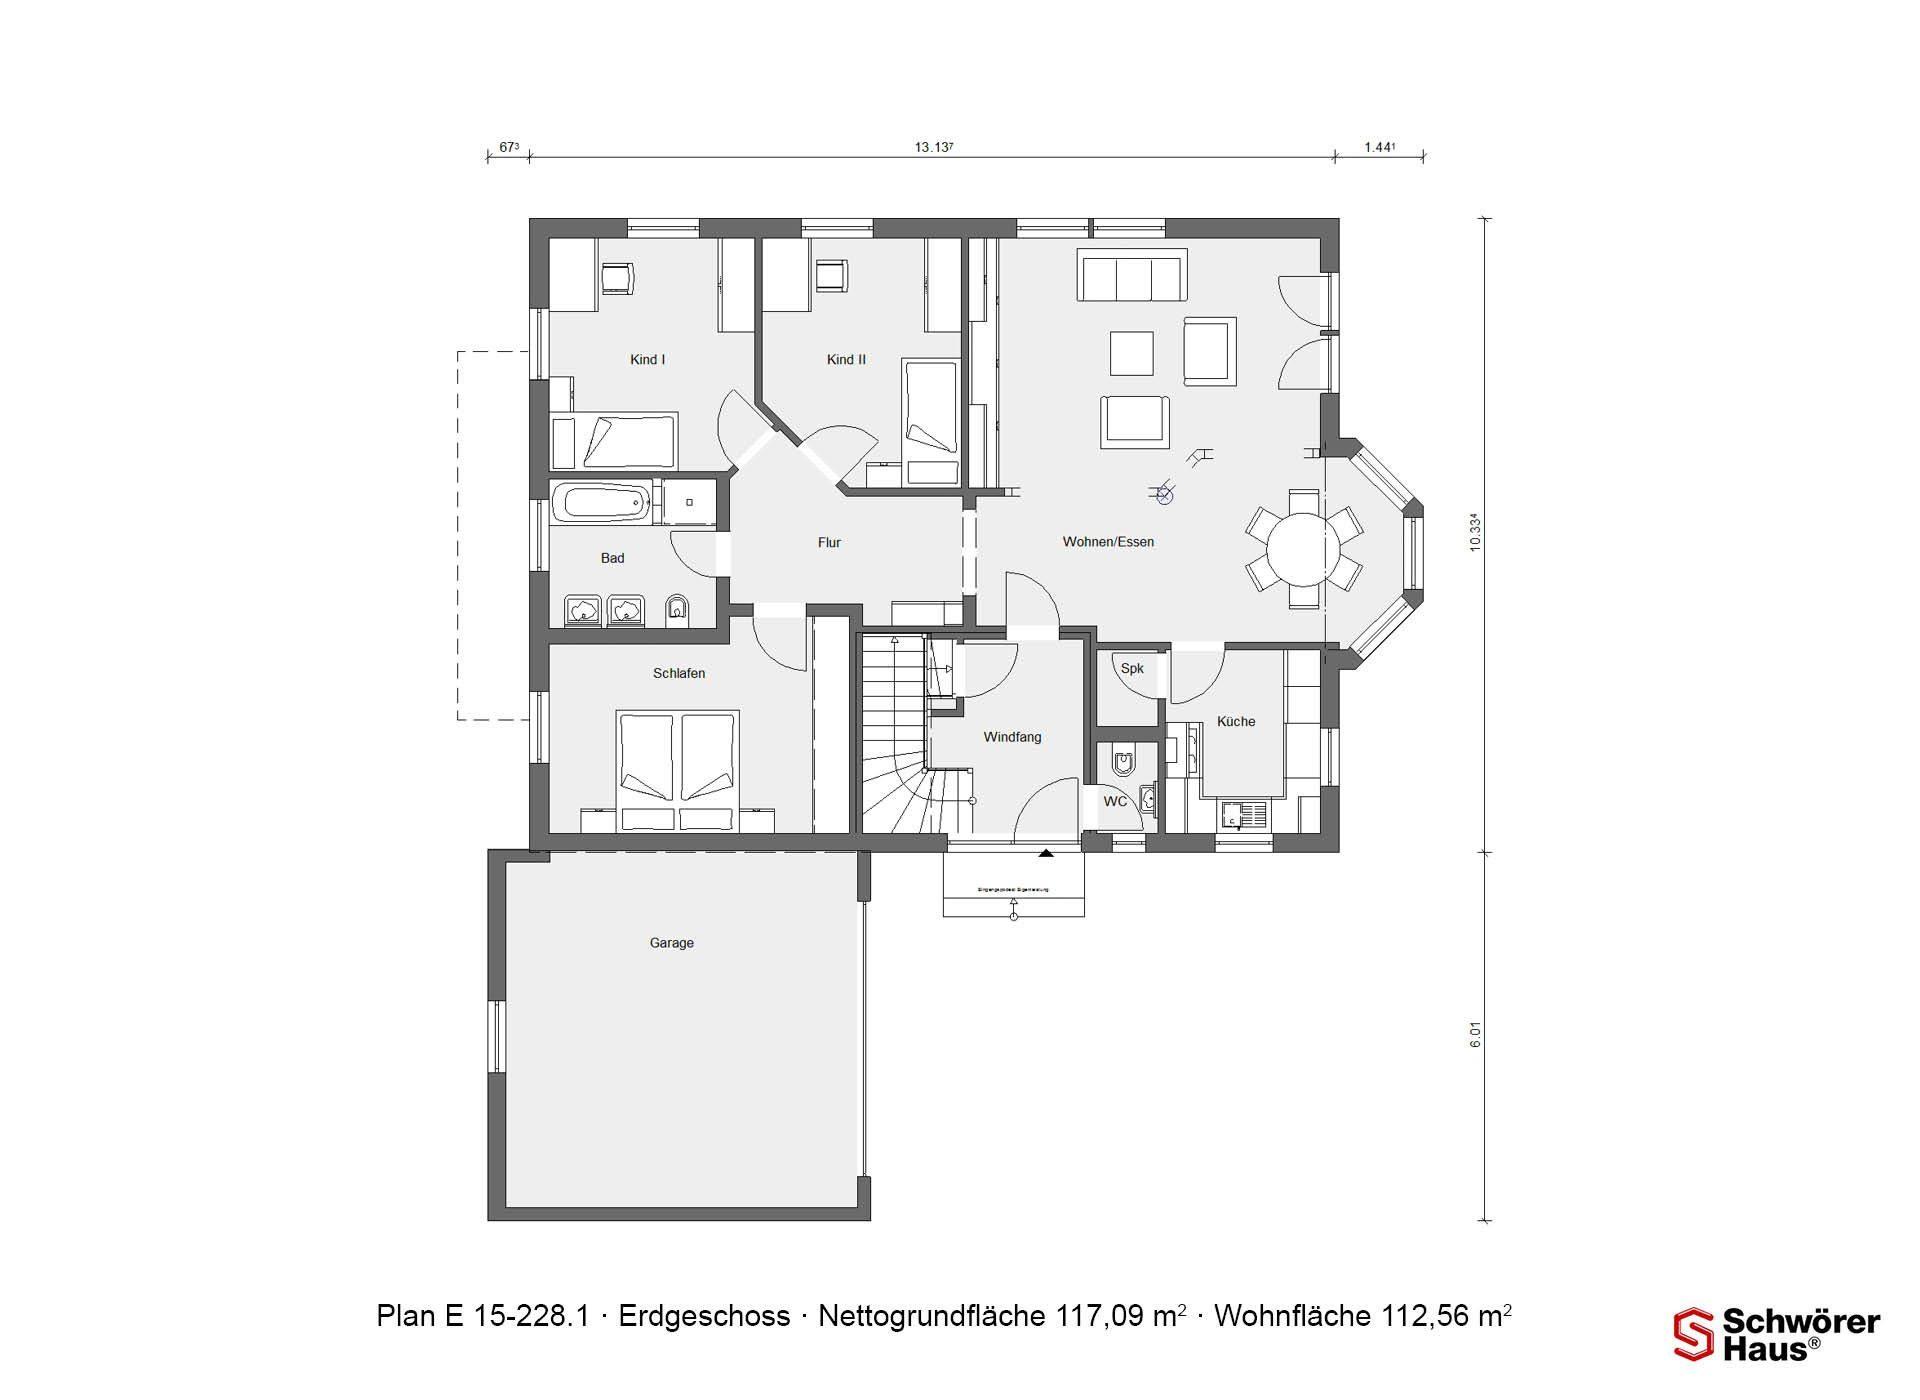 Wärme-Gewinnhaus Plan 229.3 - Eine Nahaufnahme von einem Logo - SchworerHaus KG